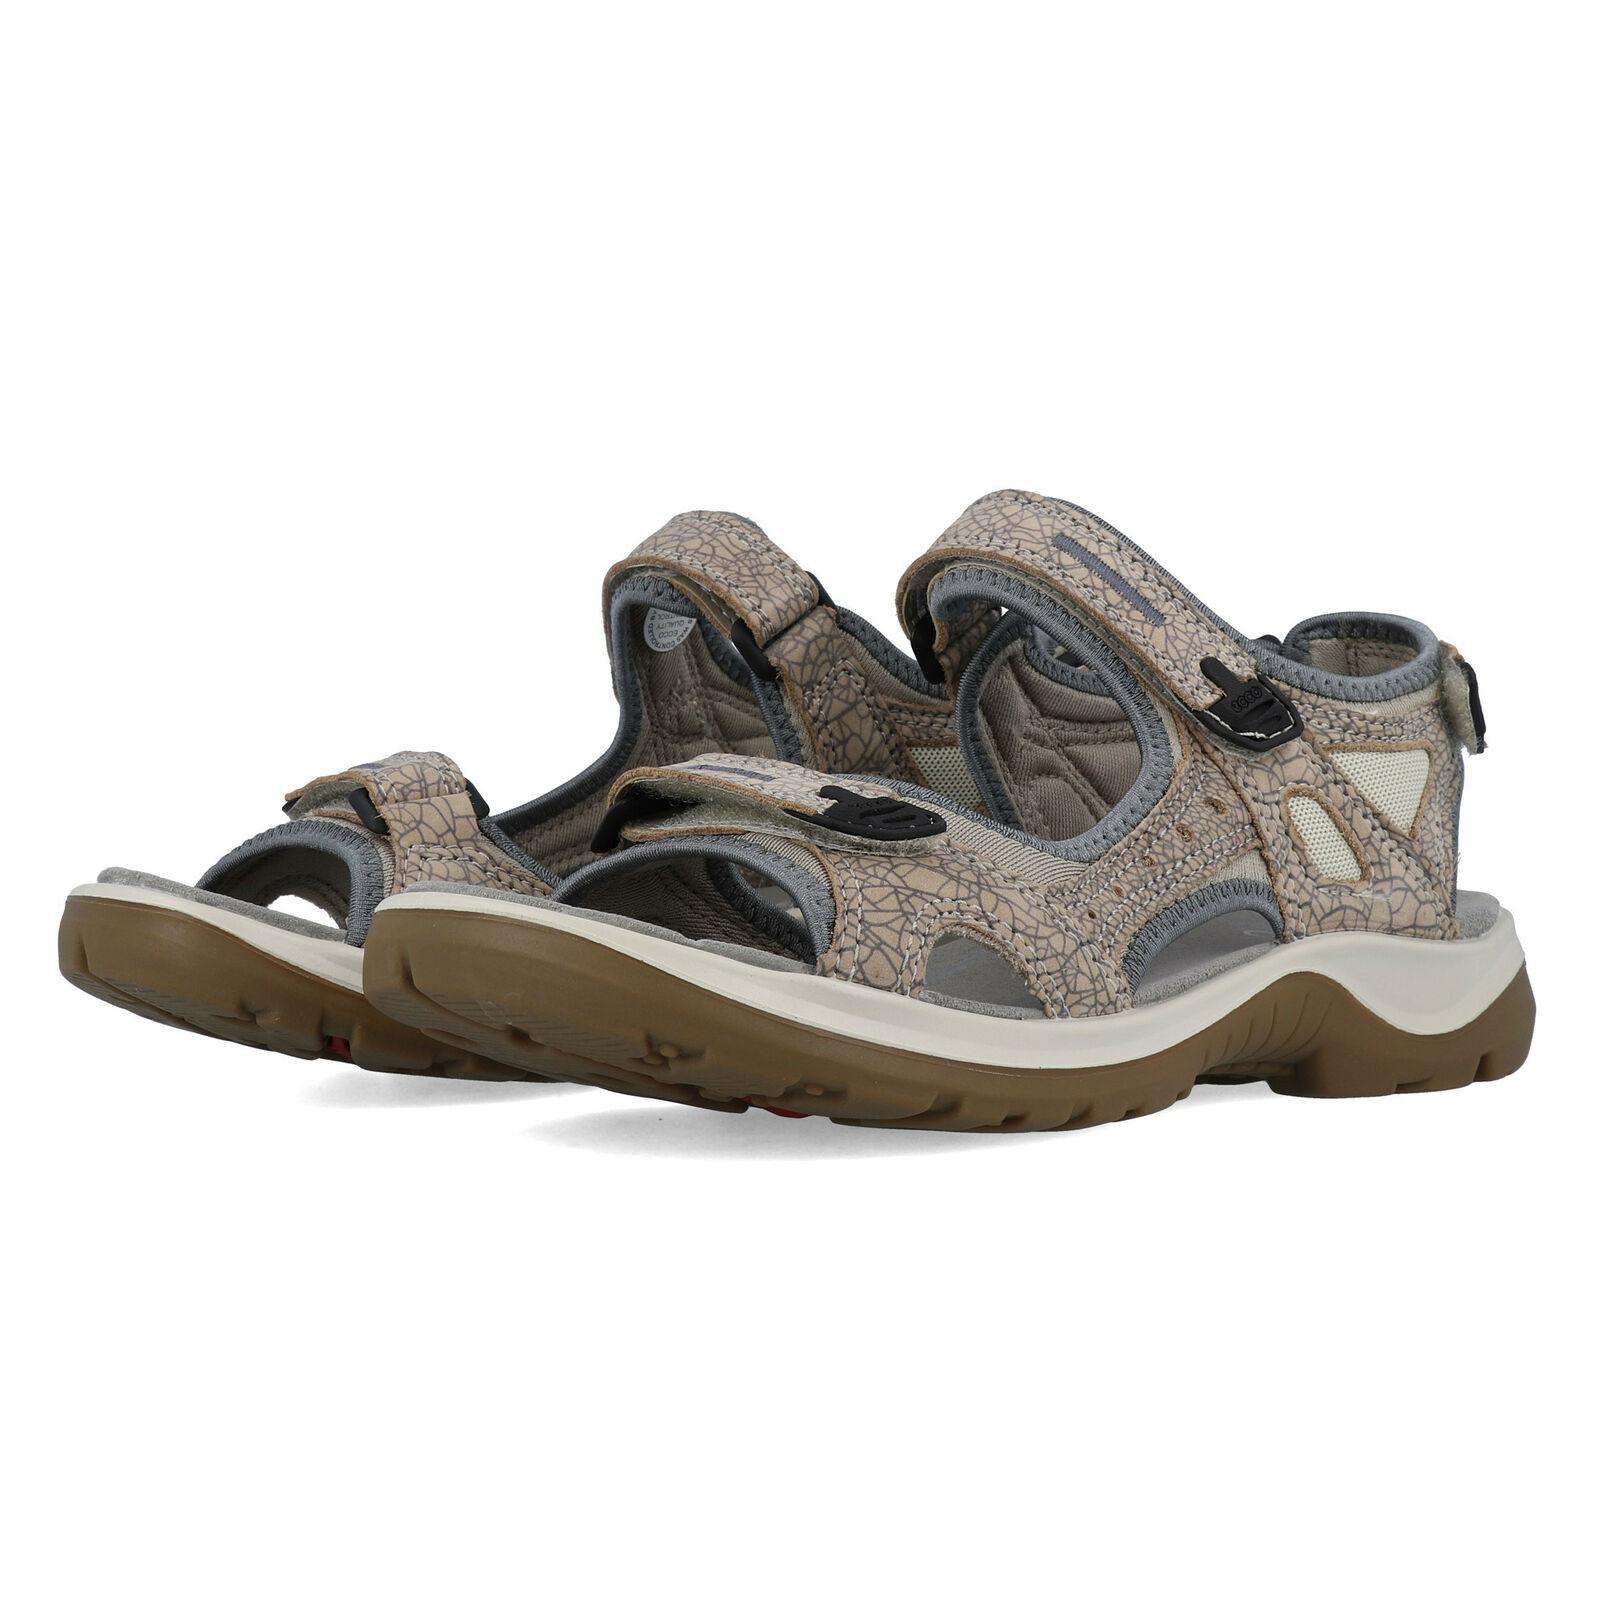 Ecco braun Breathable Draußen Sport Sandals schuhe Walking